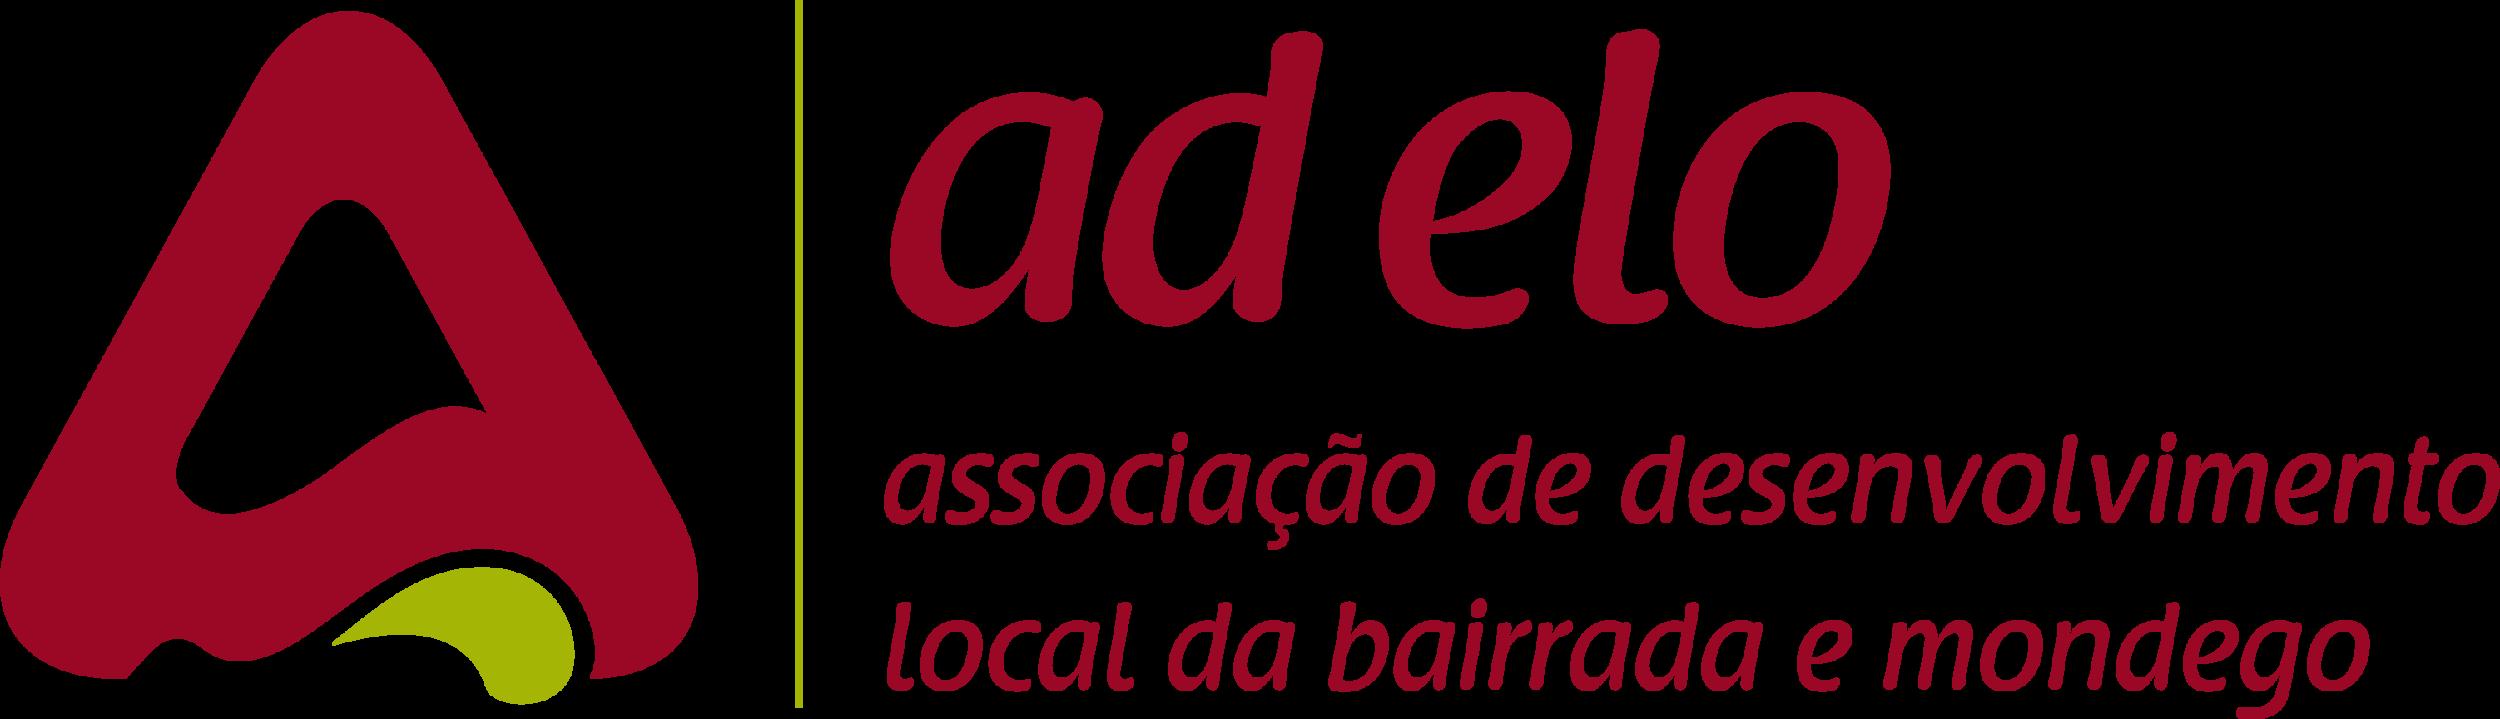 06_logo_adelo_transparente.png